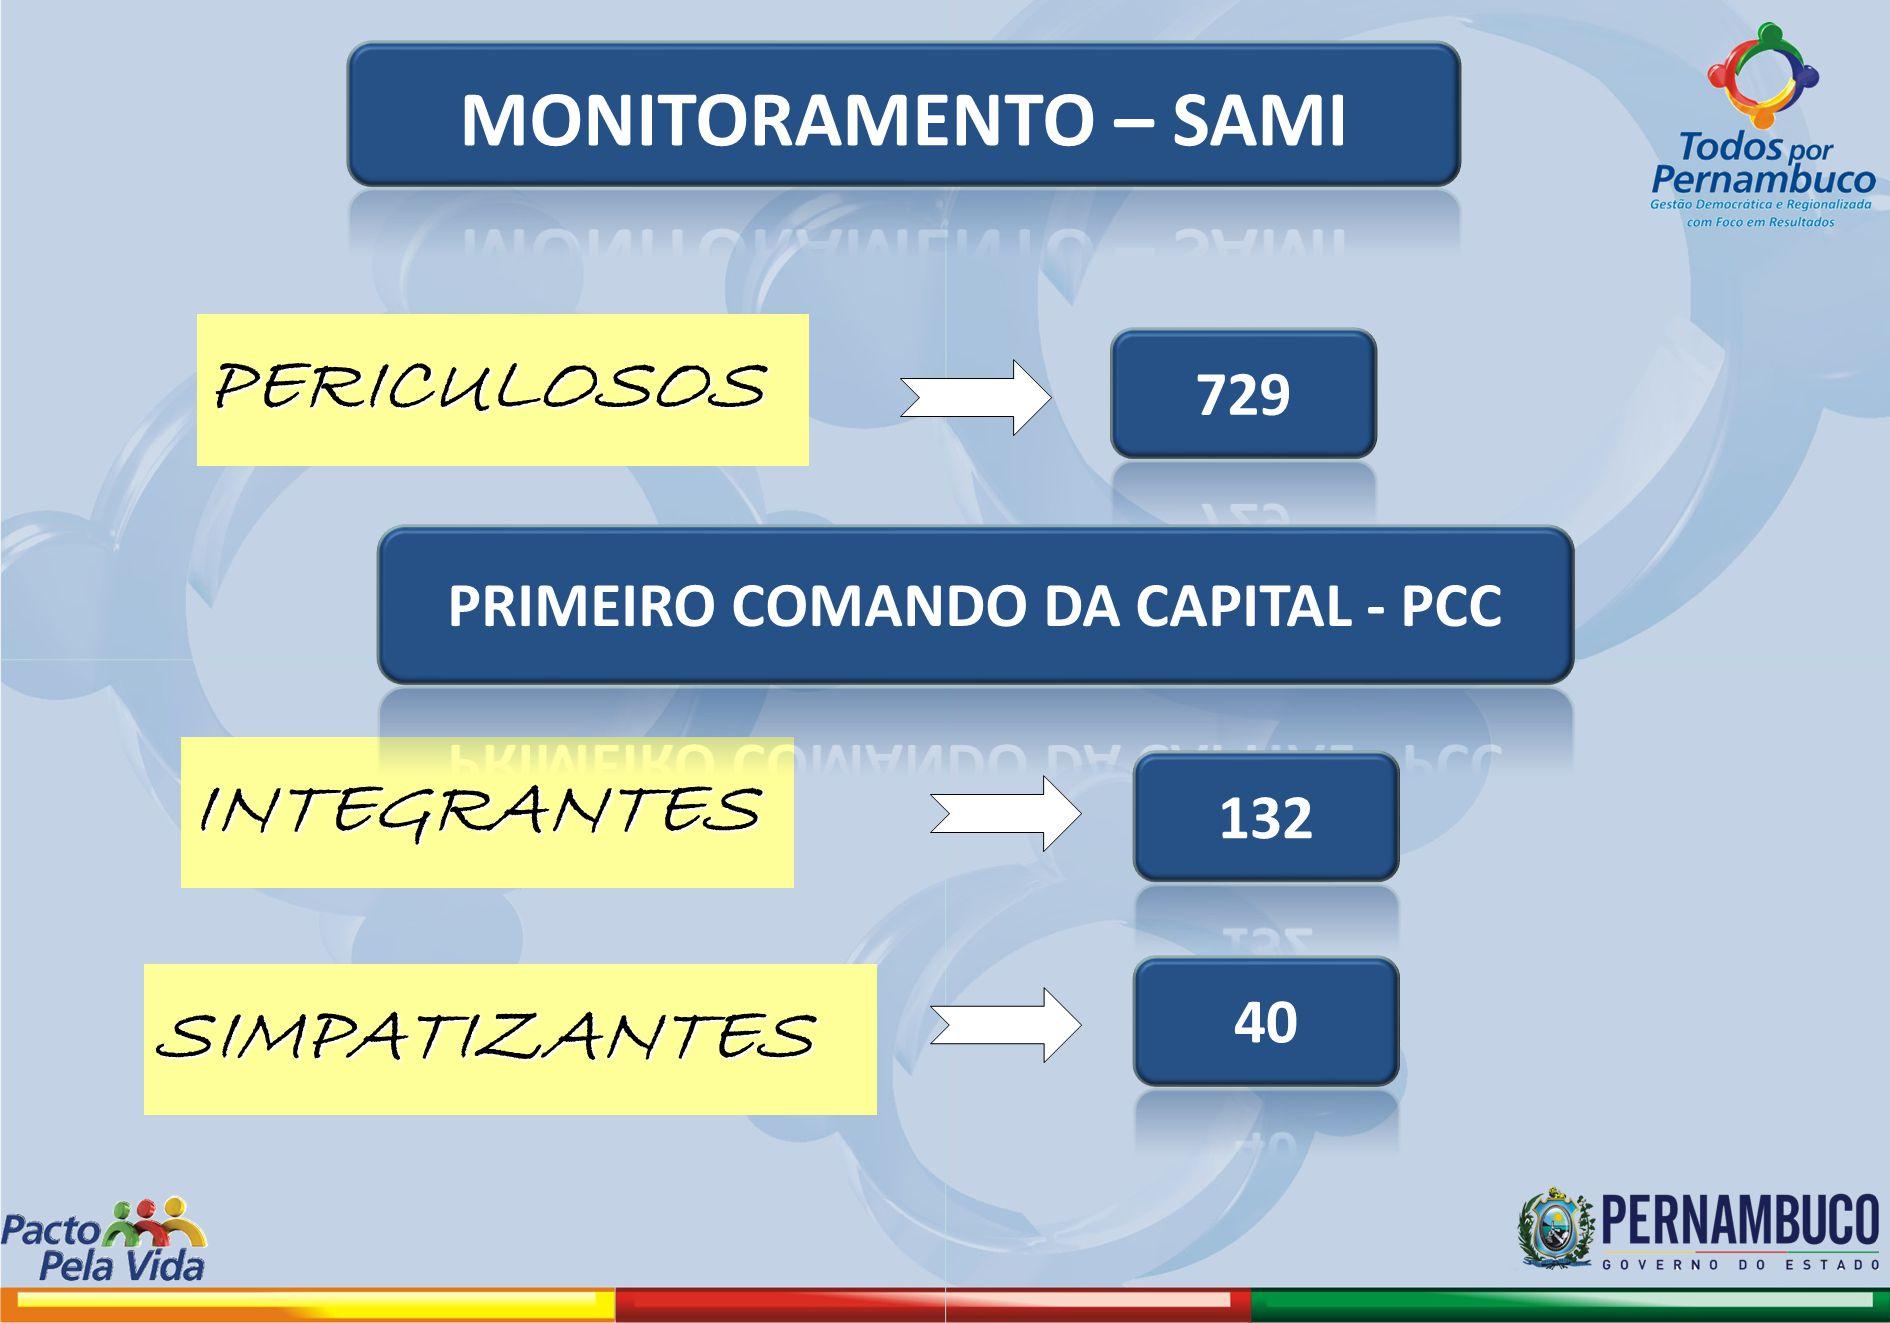 PRIMEIRO COMANDO DA CAPITAL - PCC